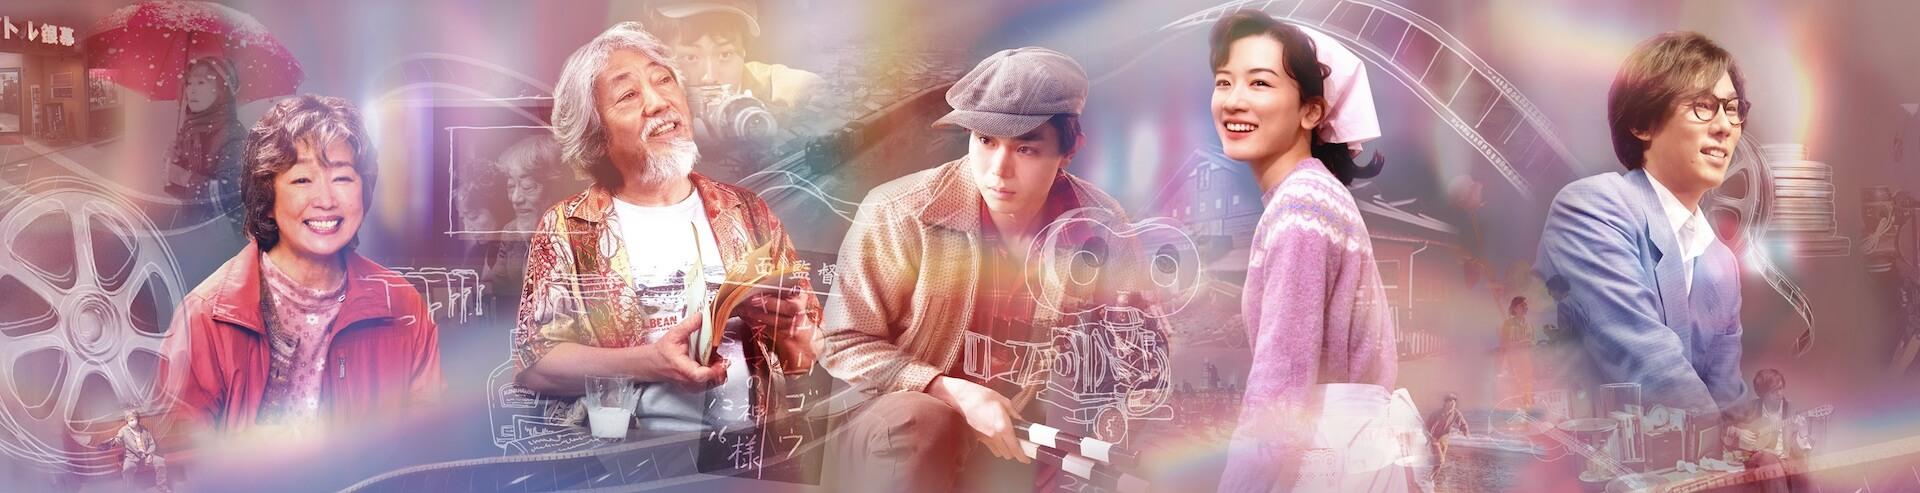 松竹映画100周年記念映画『キネマの神様』にRADWIMPS・野田洋次郎の出演が決定!本人コメントも到着「どこか絵空事のようでした」 film201021_kinemanokamisama_2